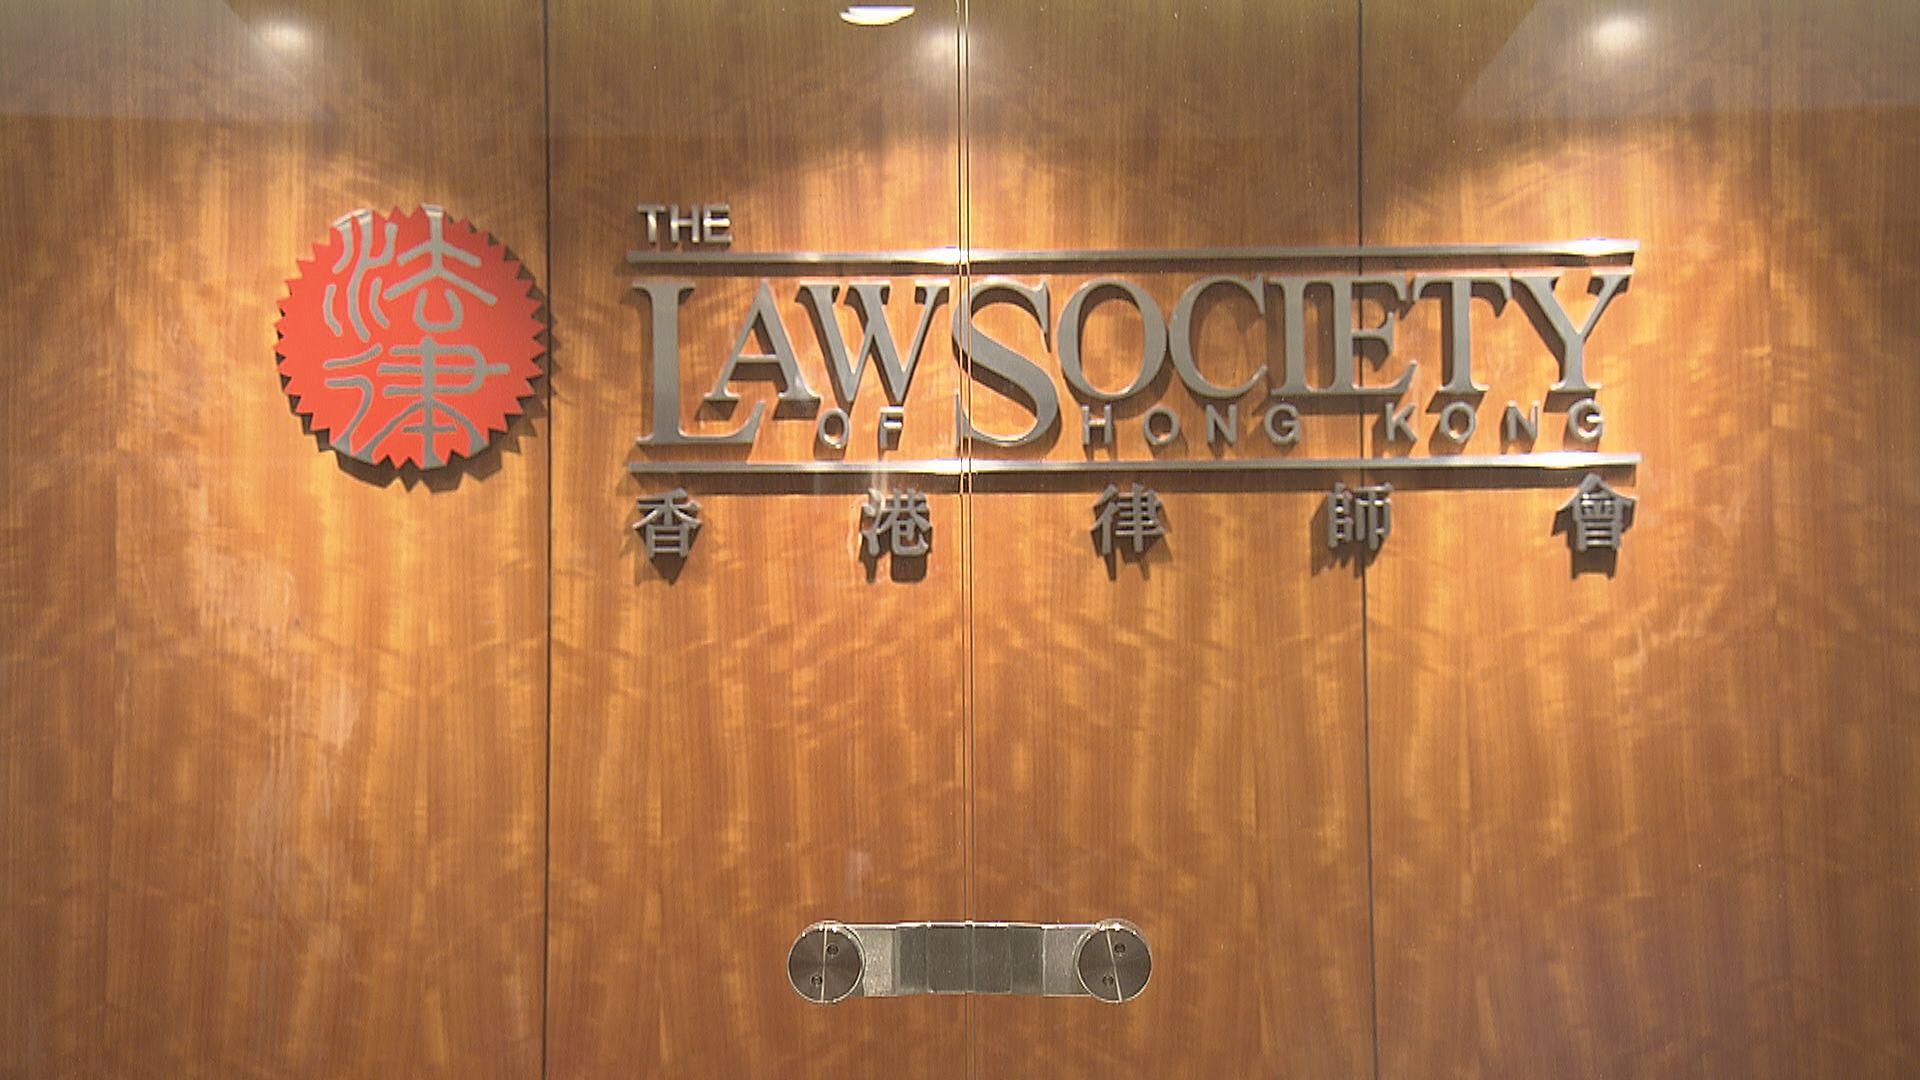 律師會指張達明違反保密責任 通過對其不信任動議